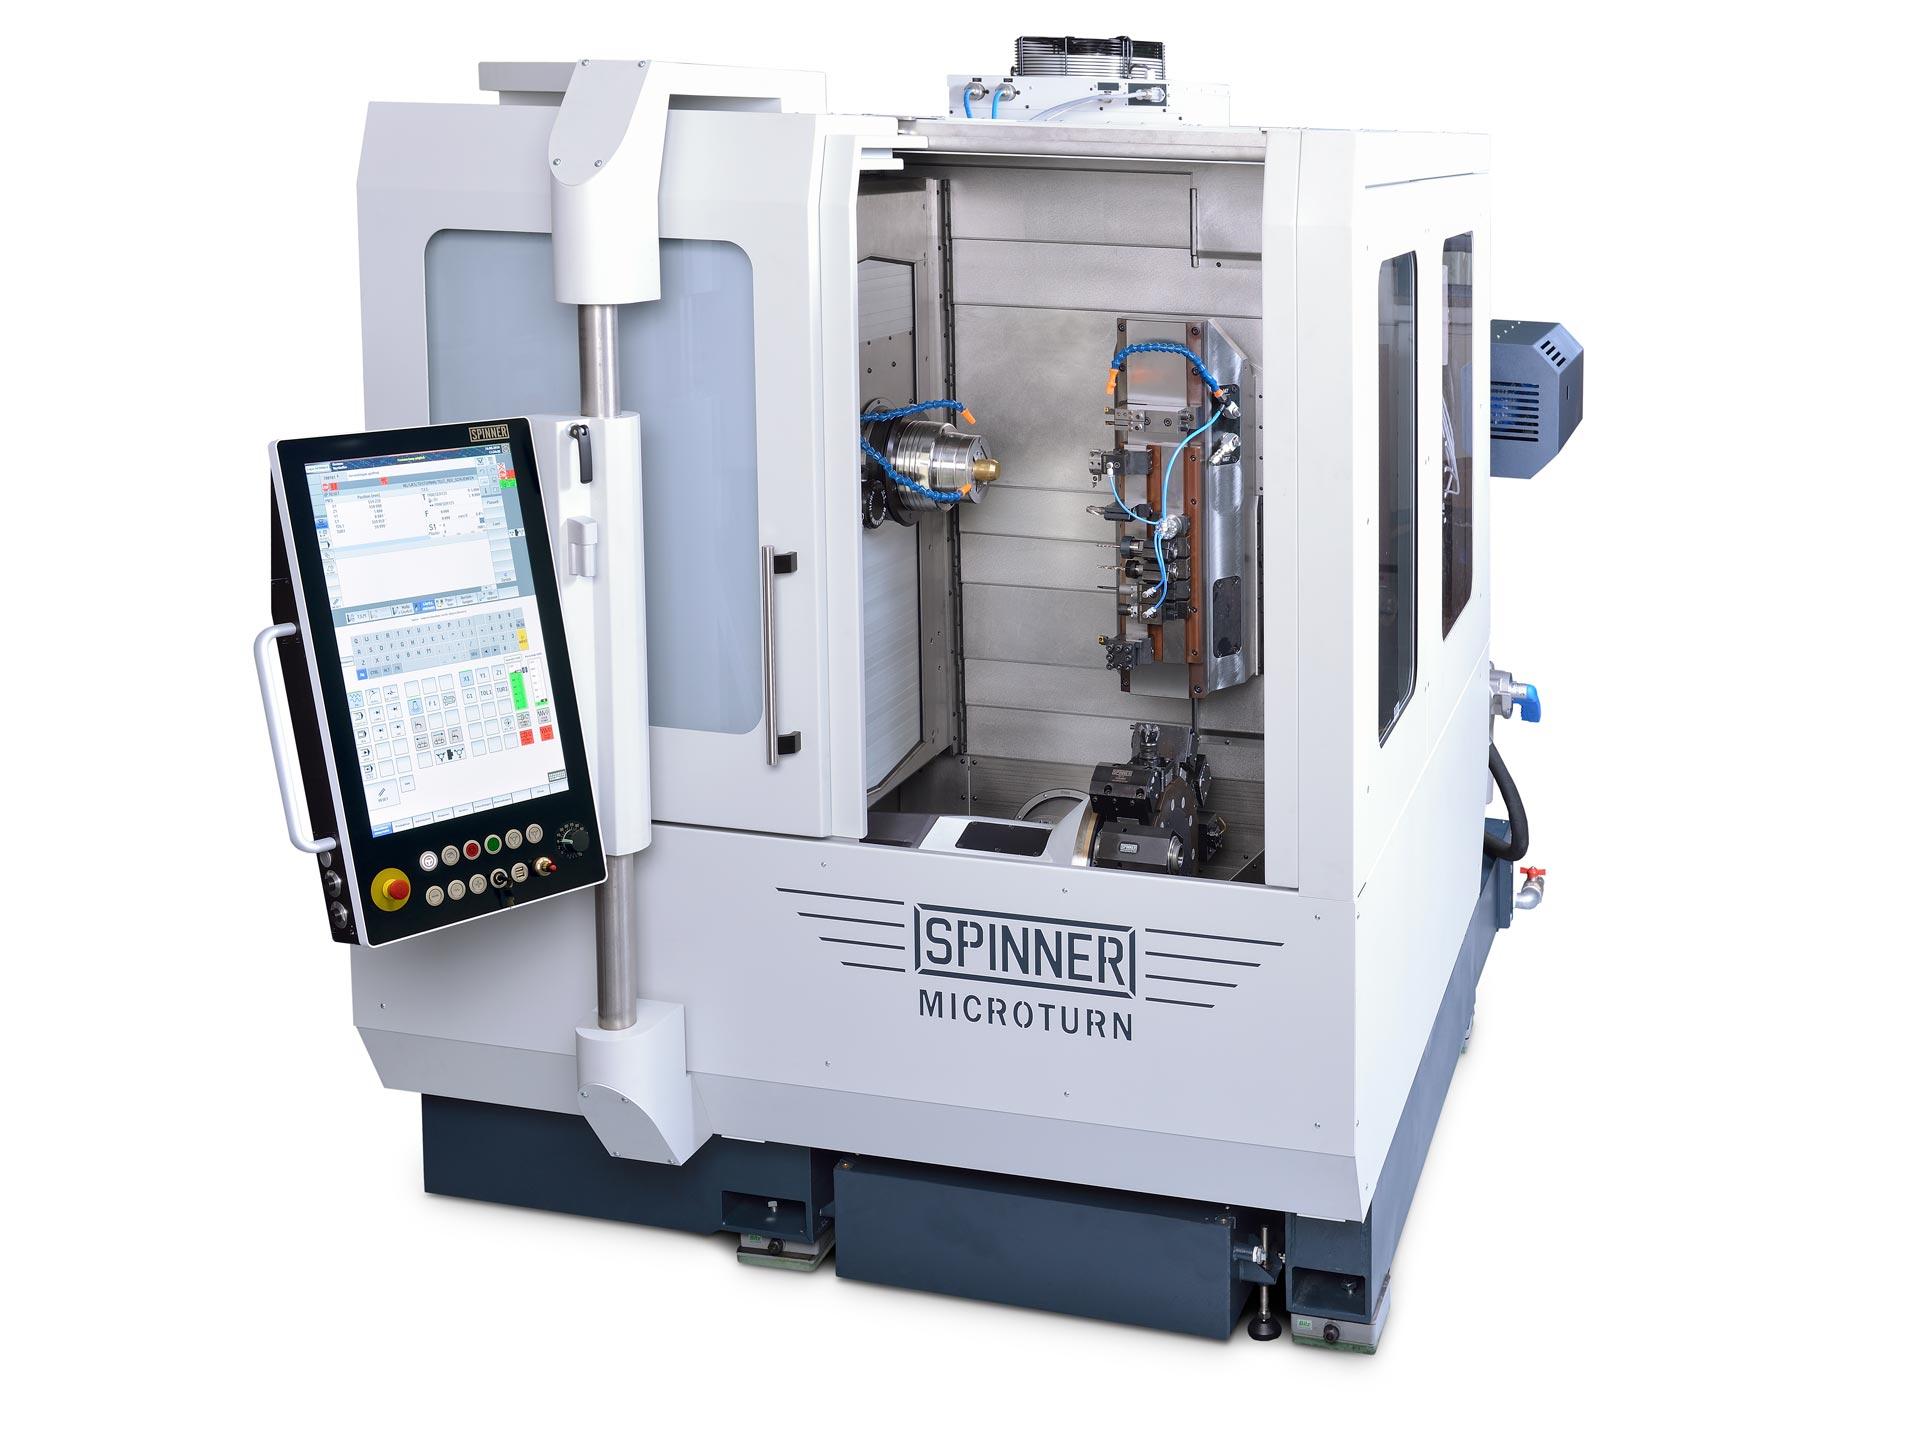 Spinner AG - Ultrapräzisionszentrum Microturn